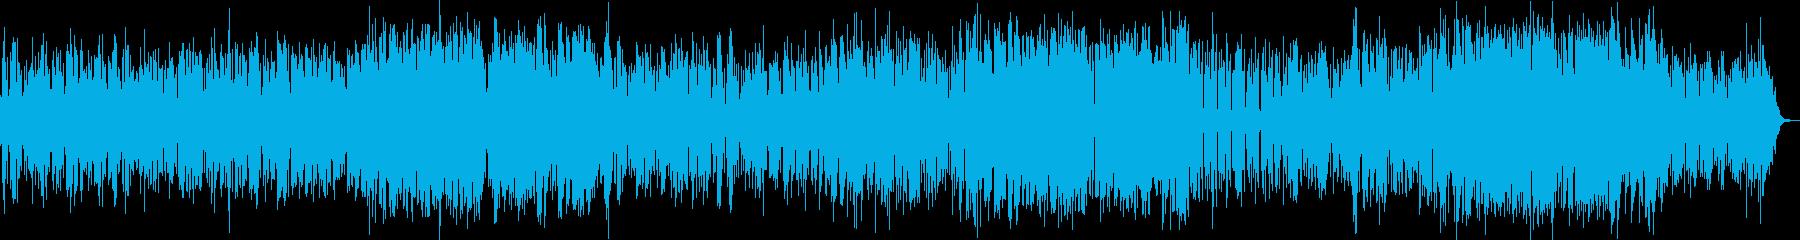 明るく爽やかなポップ系インスト曲の再生済みの波形